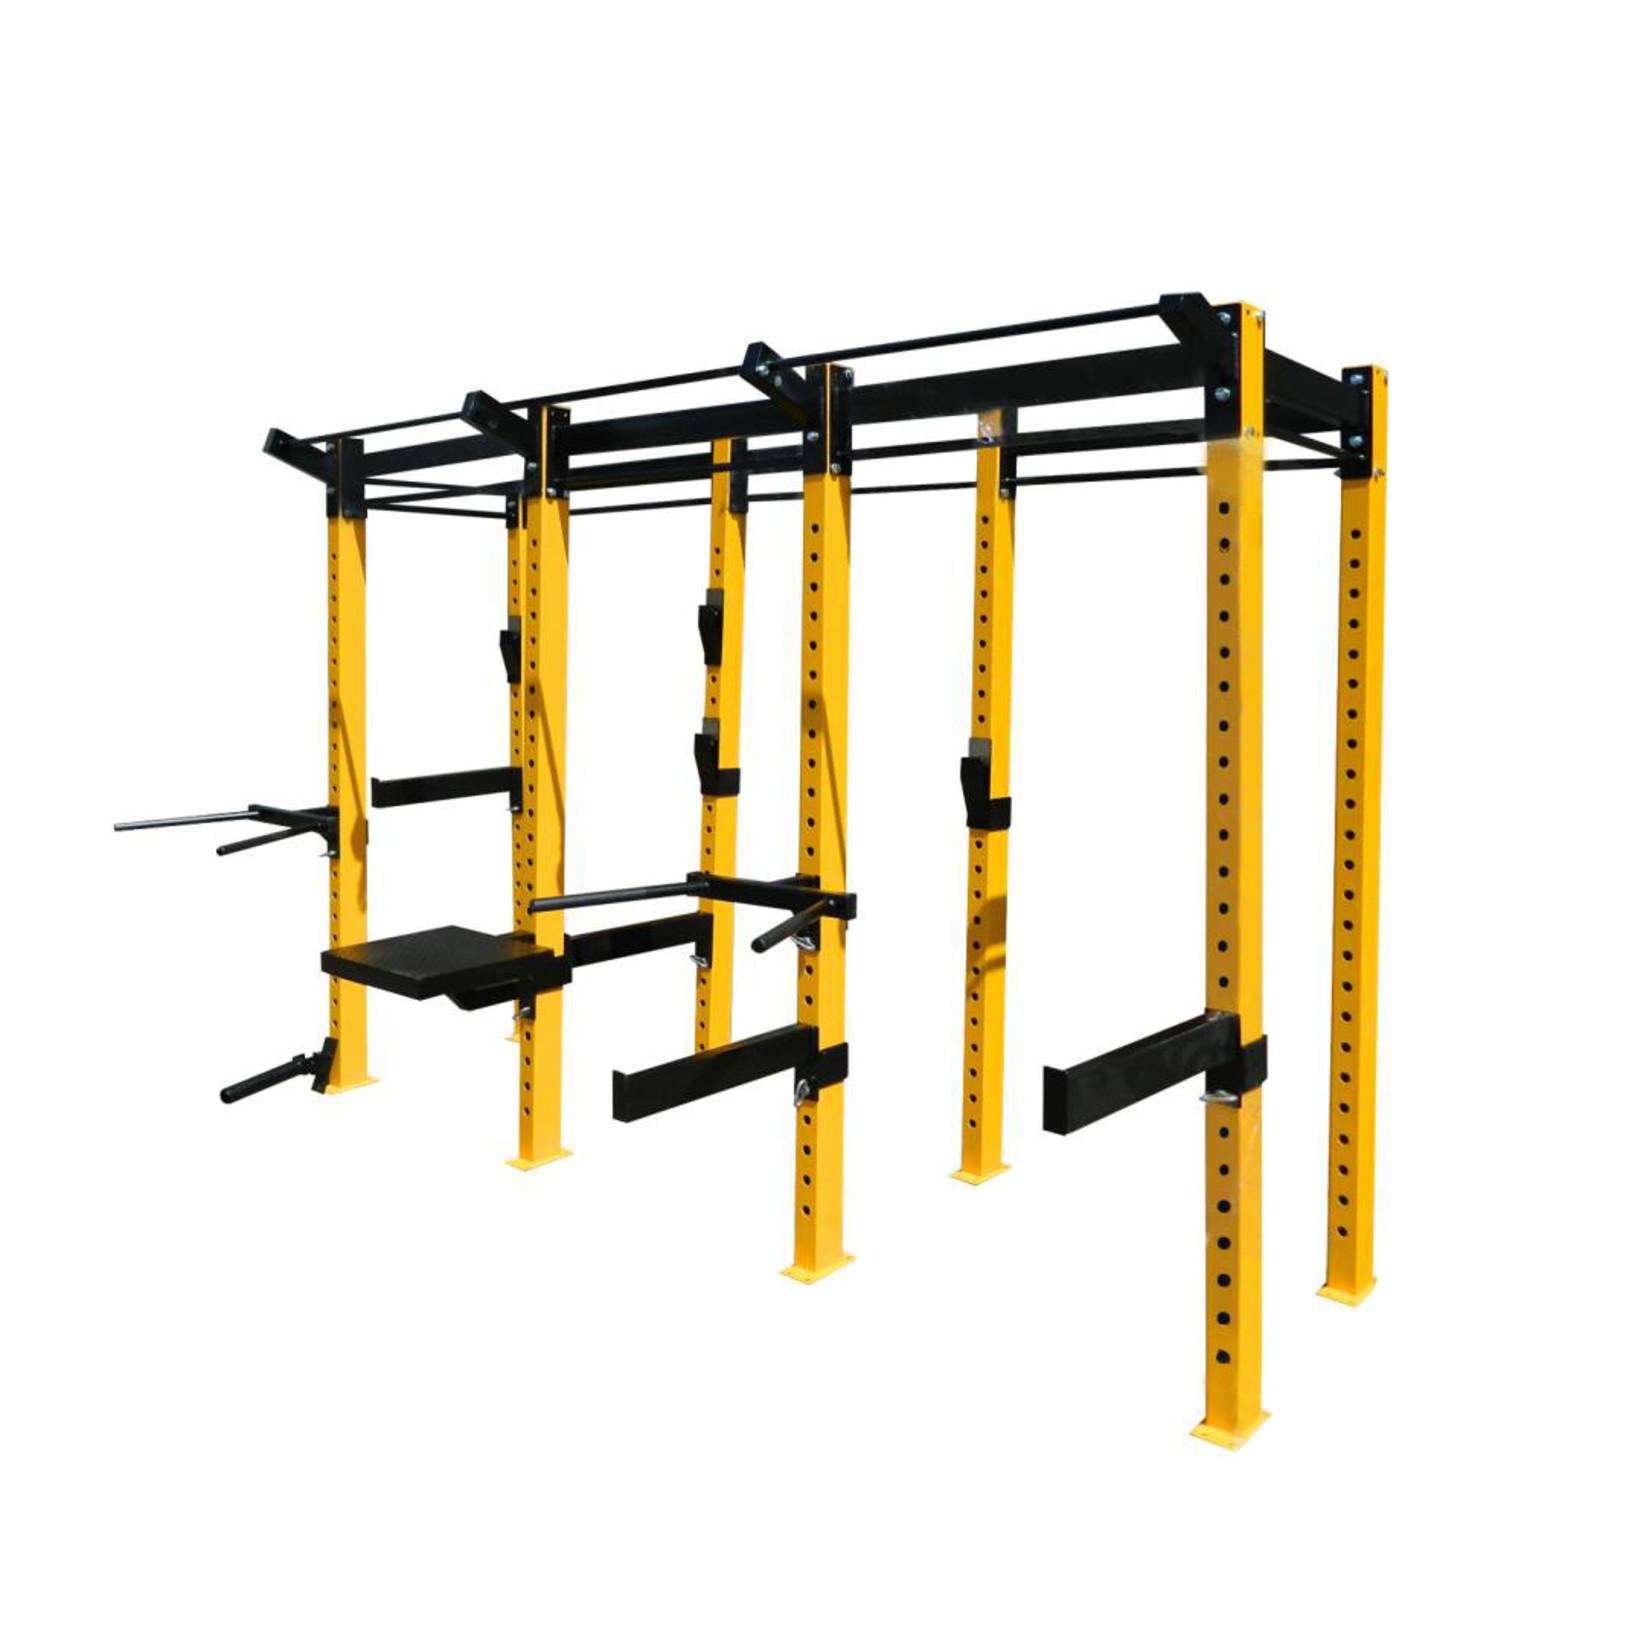 Crossfit Power Rack 5T